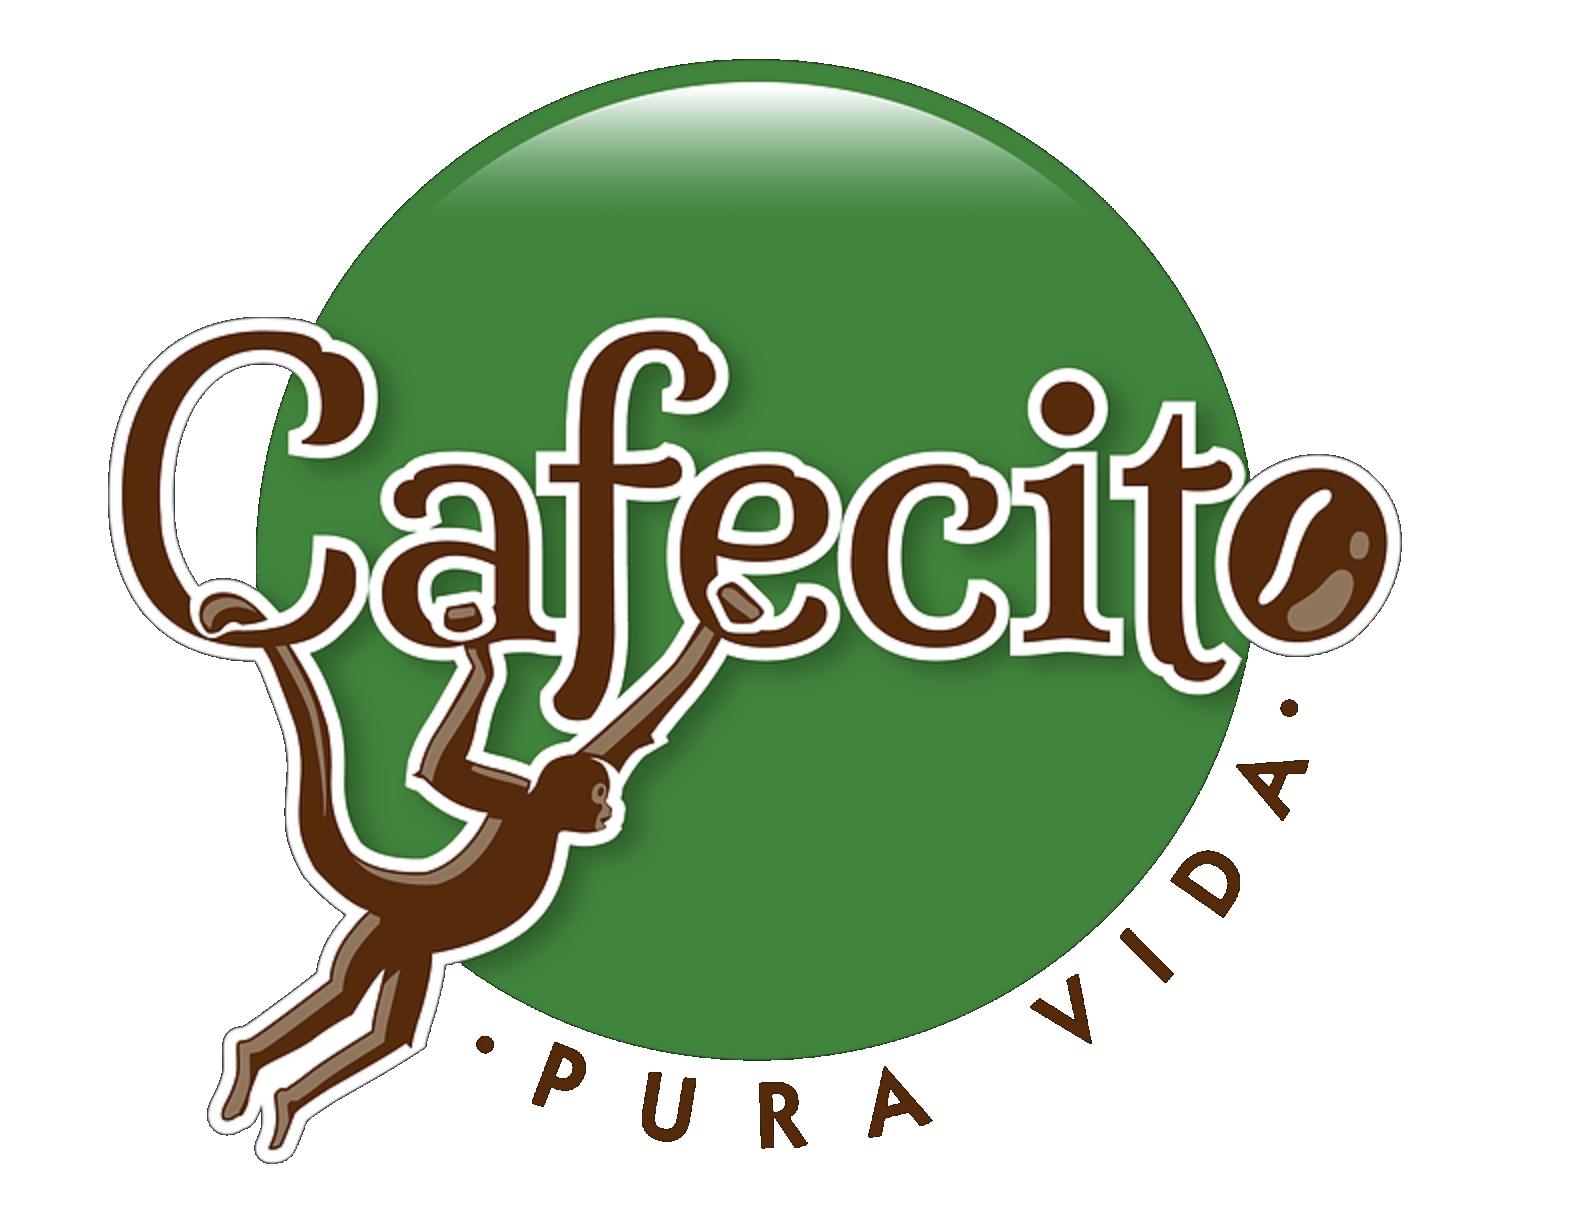 cafecito-pura-vida-transparent-logo.png